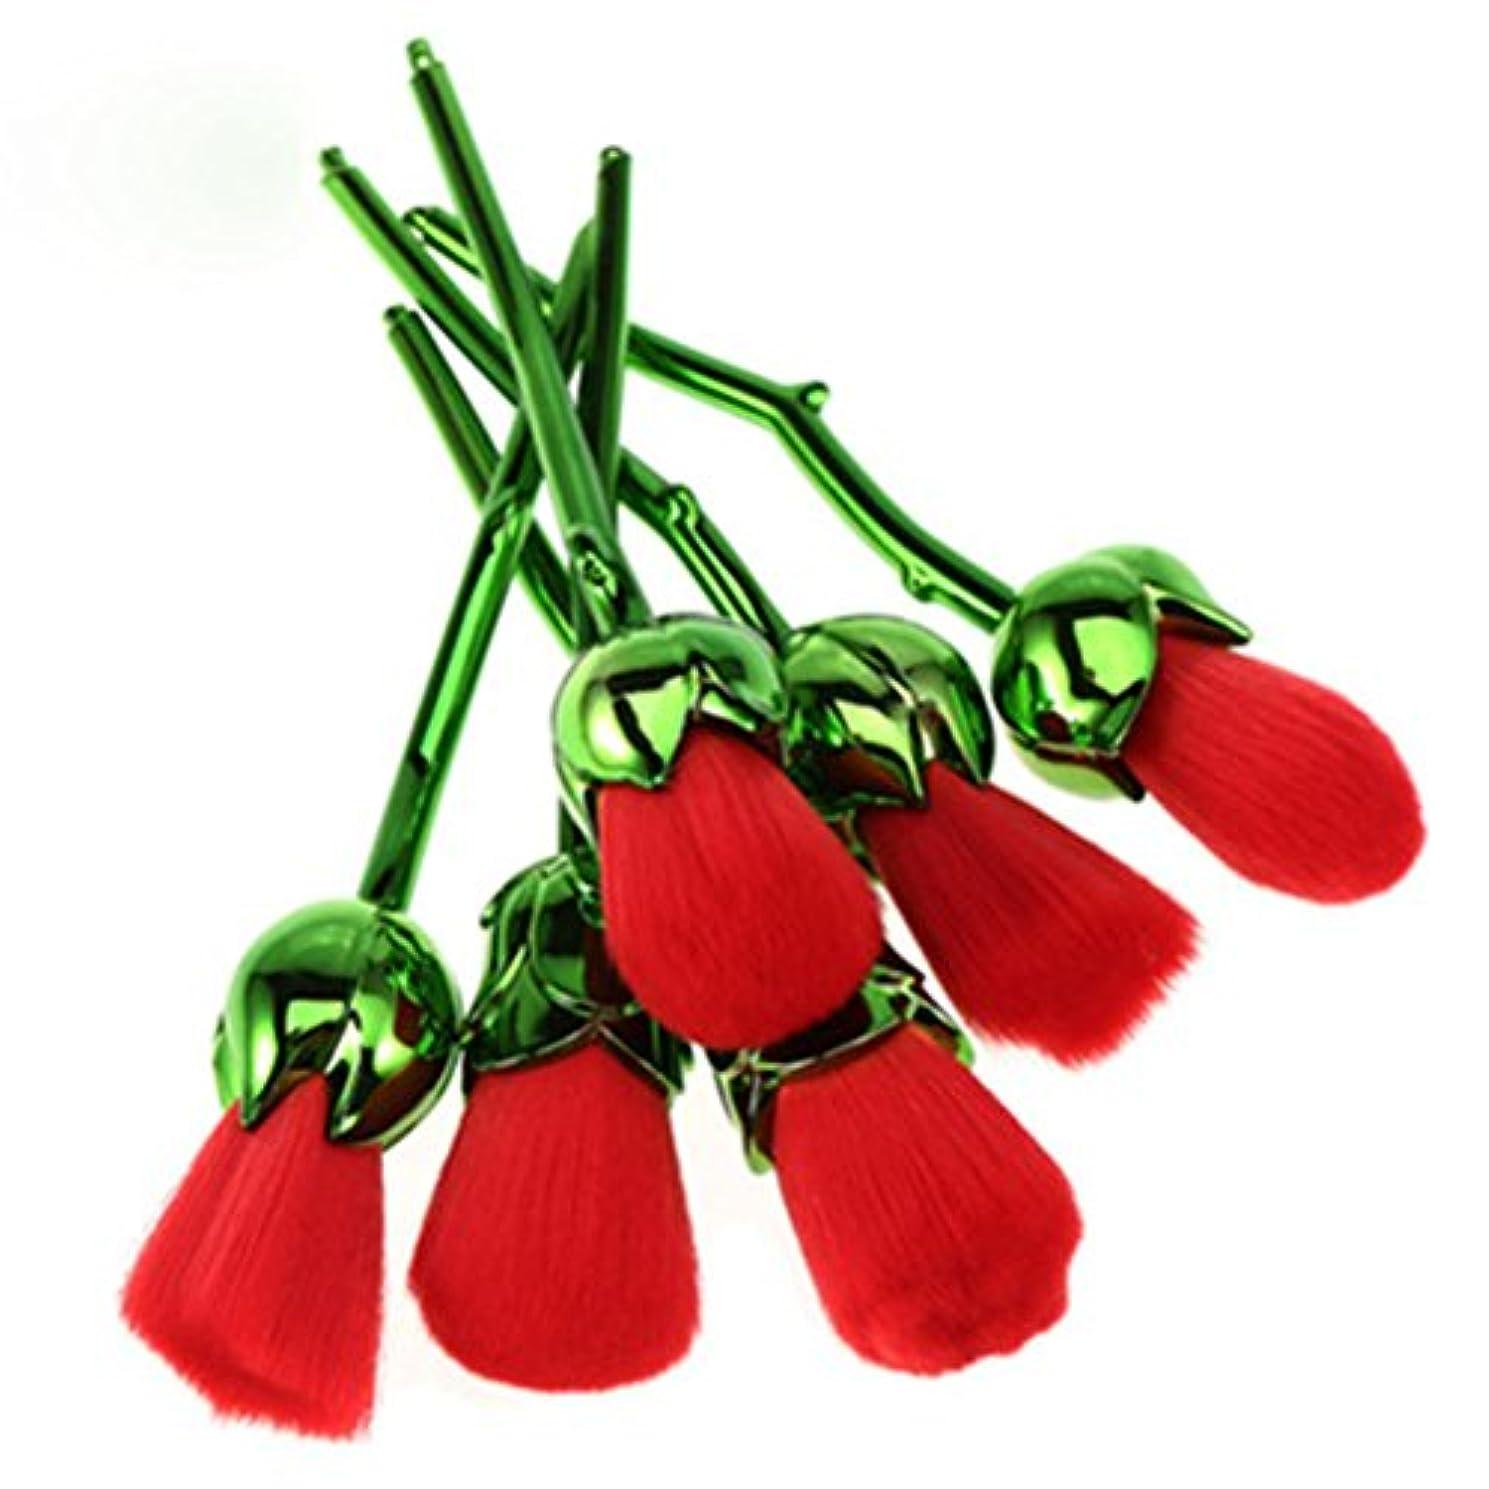 アンケートお嬢火ディラビューティー(Dilla Beauty) メイクブラシ 薔薇 メイクブラシセット 人気 ファンデーションブラシ 化粧筆 可愛い 化粧ブラシ セット パウダーブラシ フェイスブラシ ローズ メイクブラシ 6本セット ケース付き (グリーン - レッド)